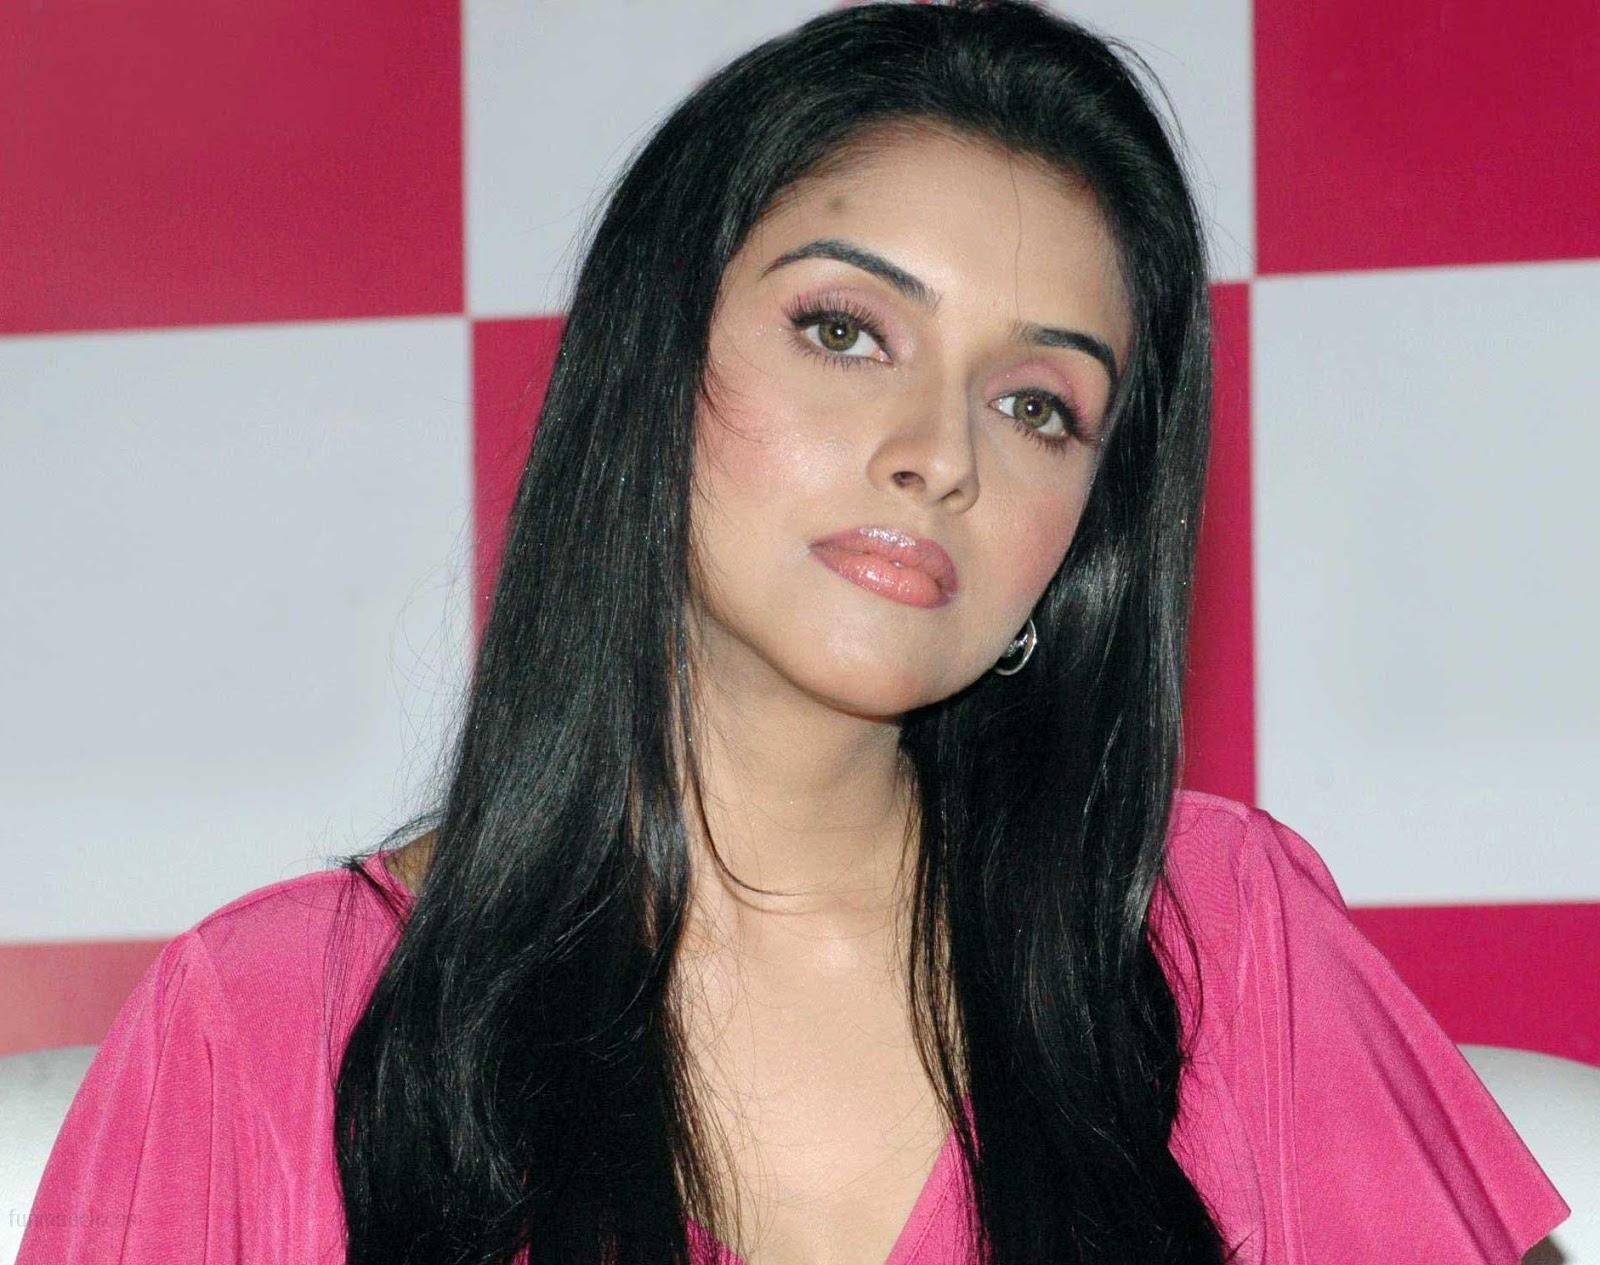 Asin Hd Wallpapers Asin Biography Bollywood Actress Photos: Nature Wallpaper